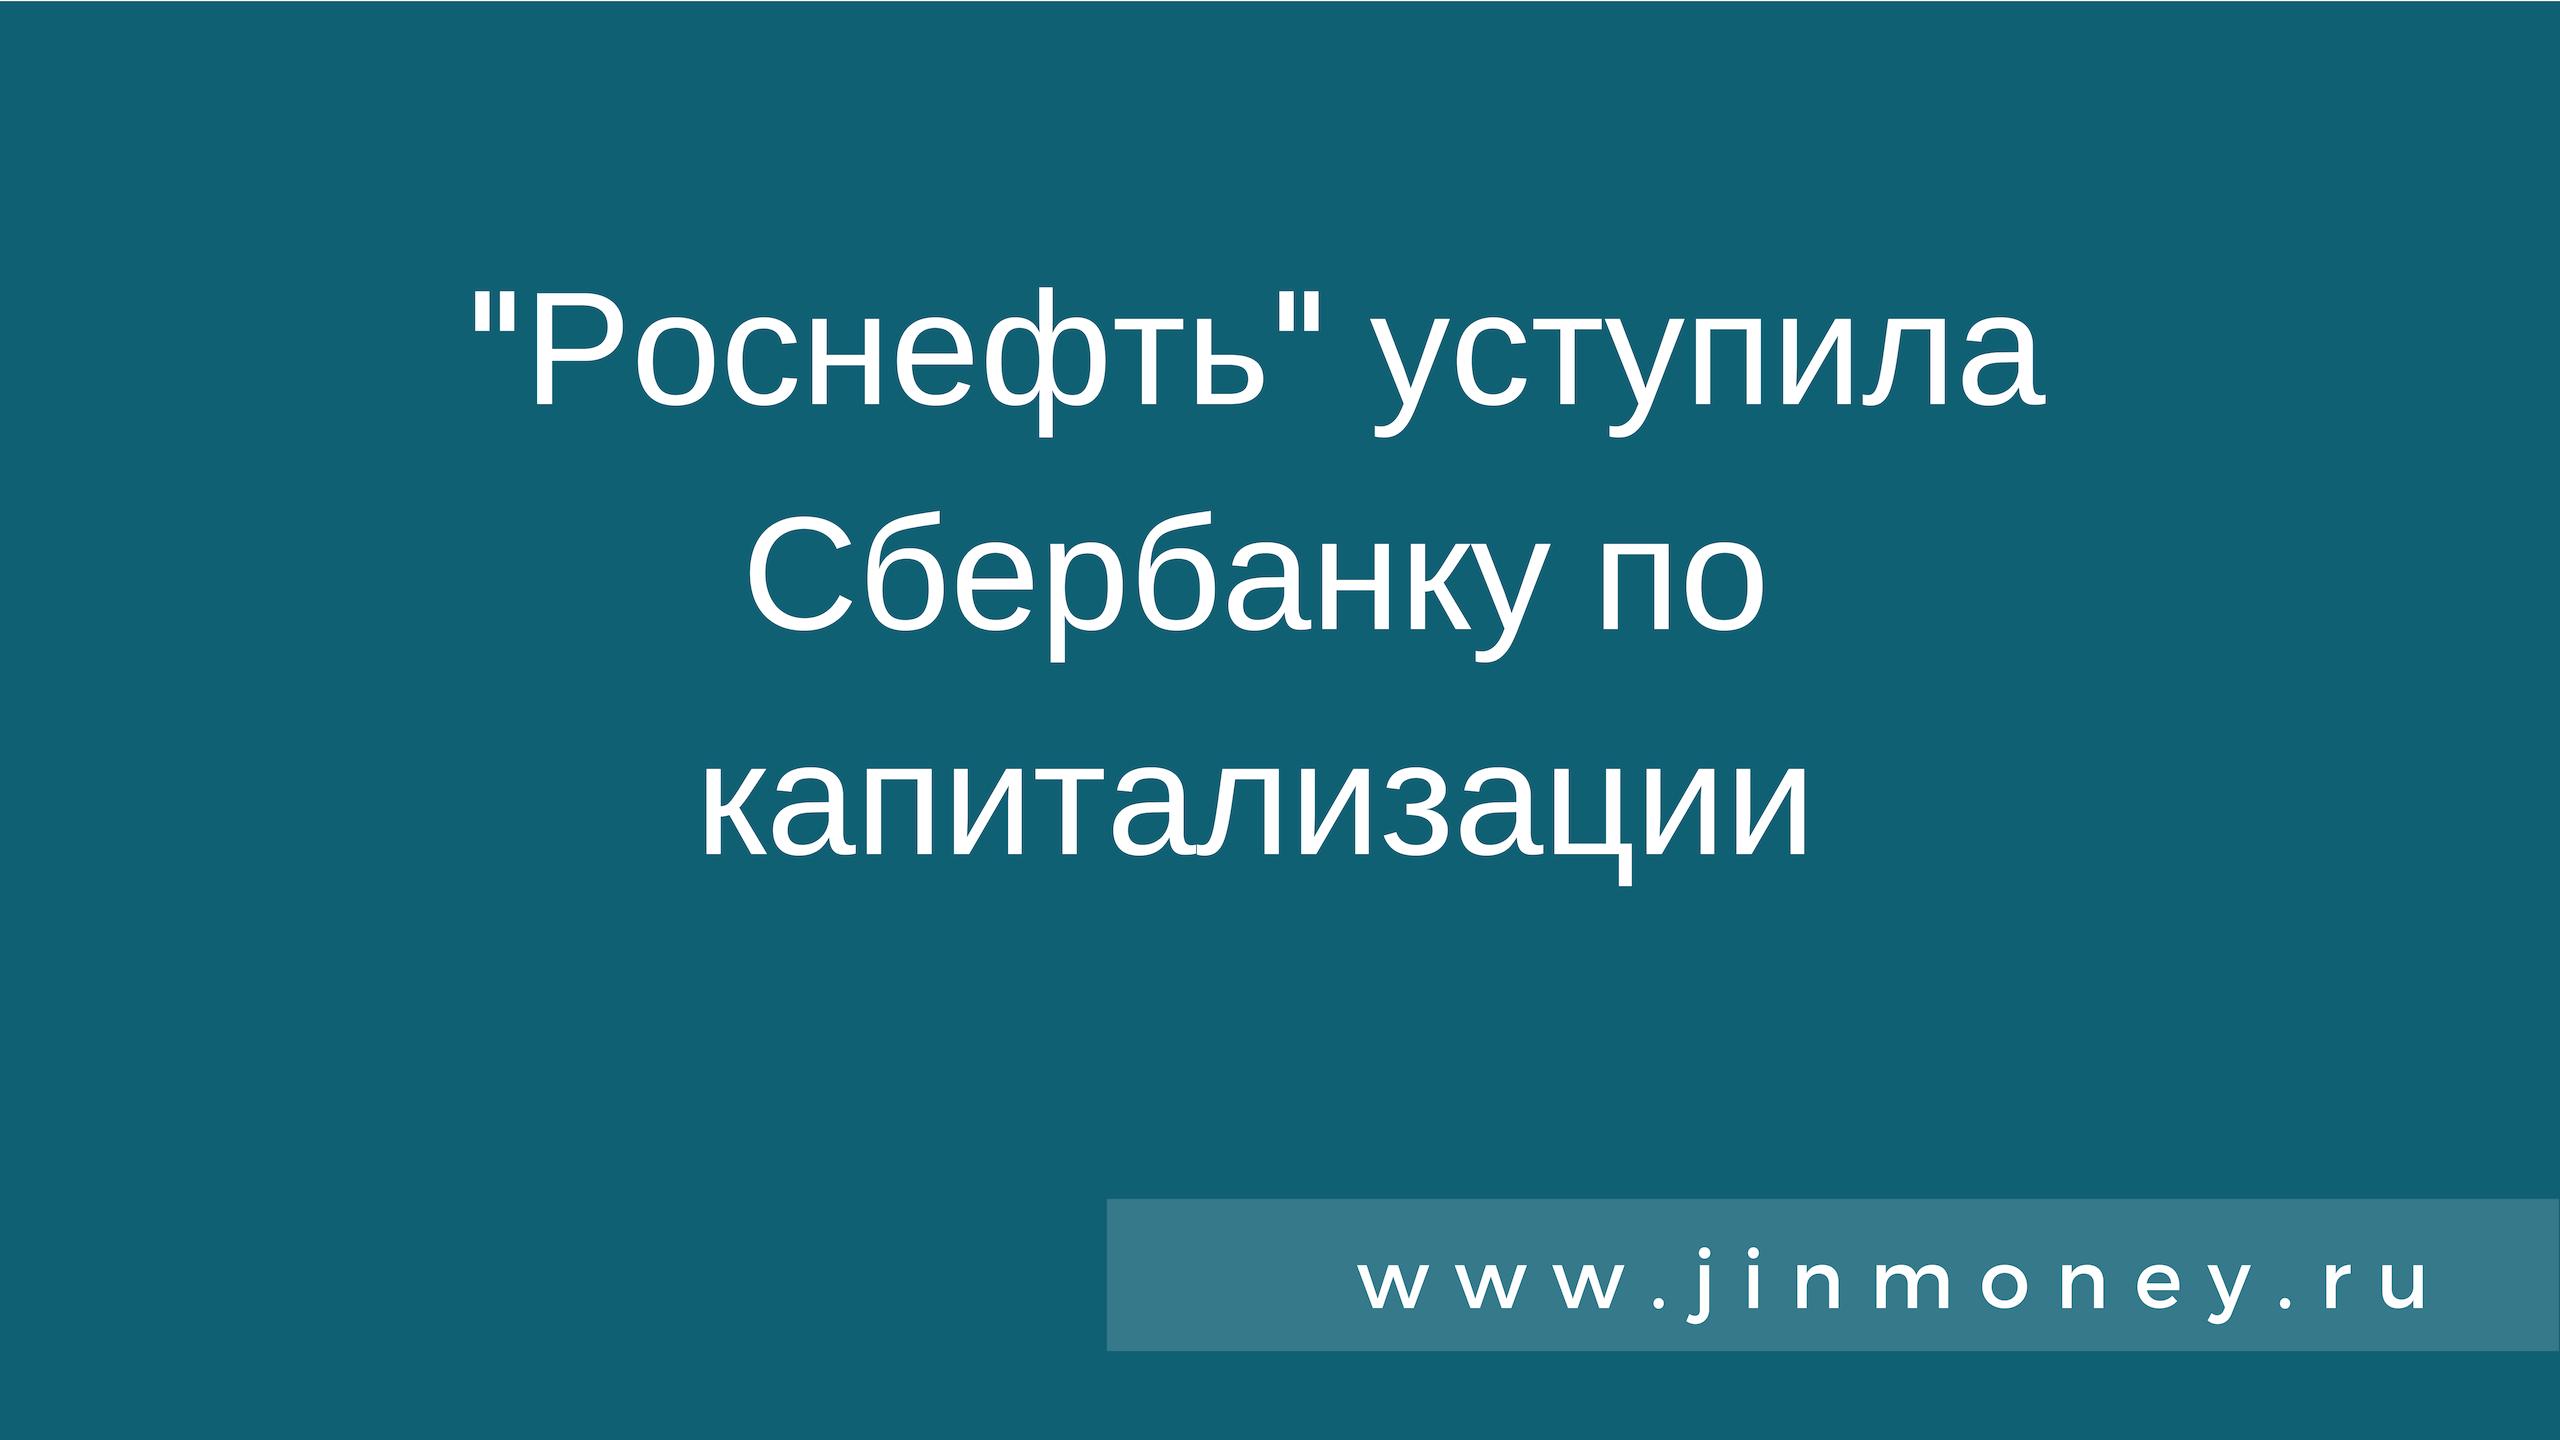 роснефть уступила сбербанку по капитализации